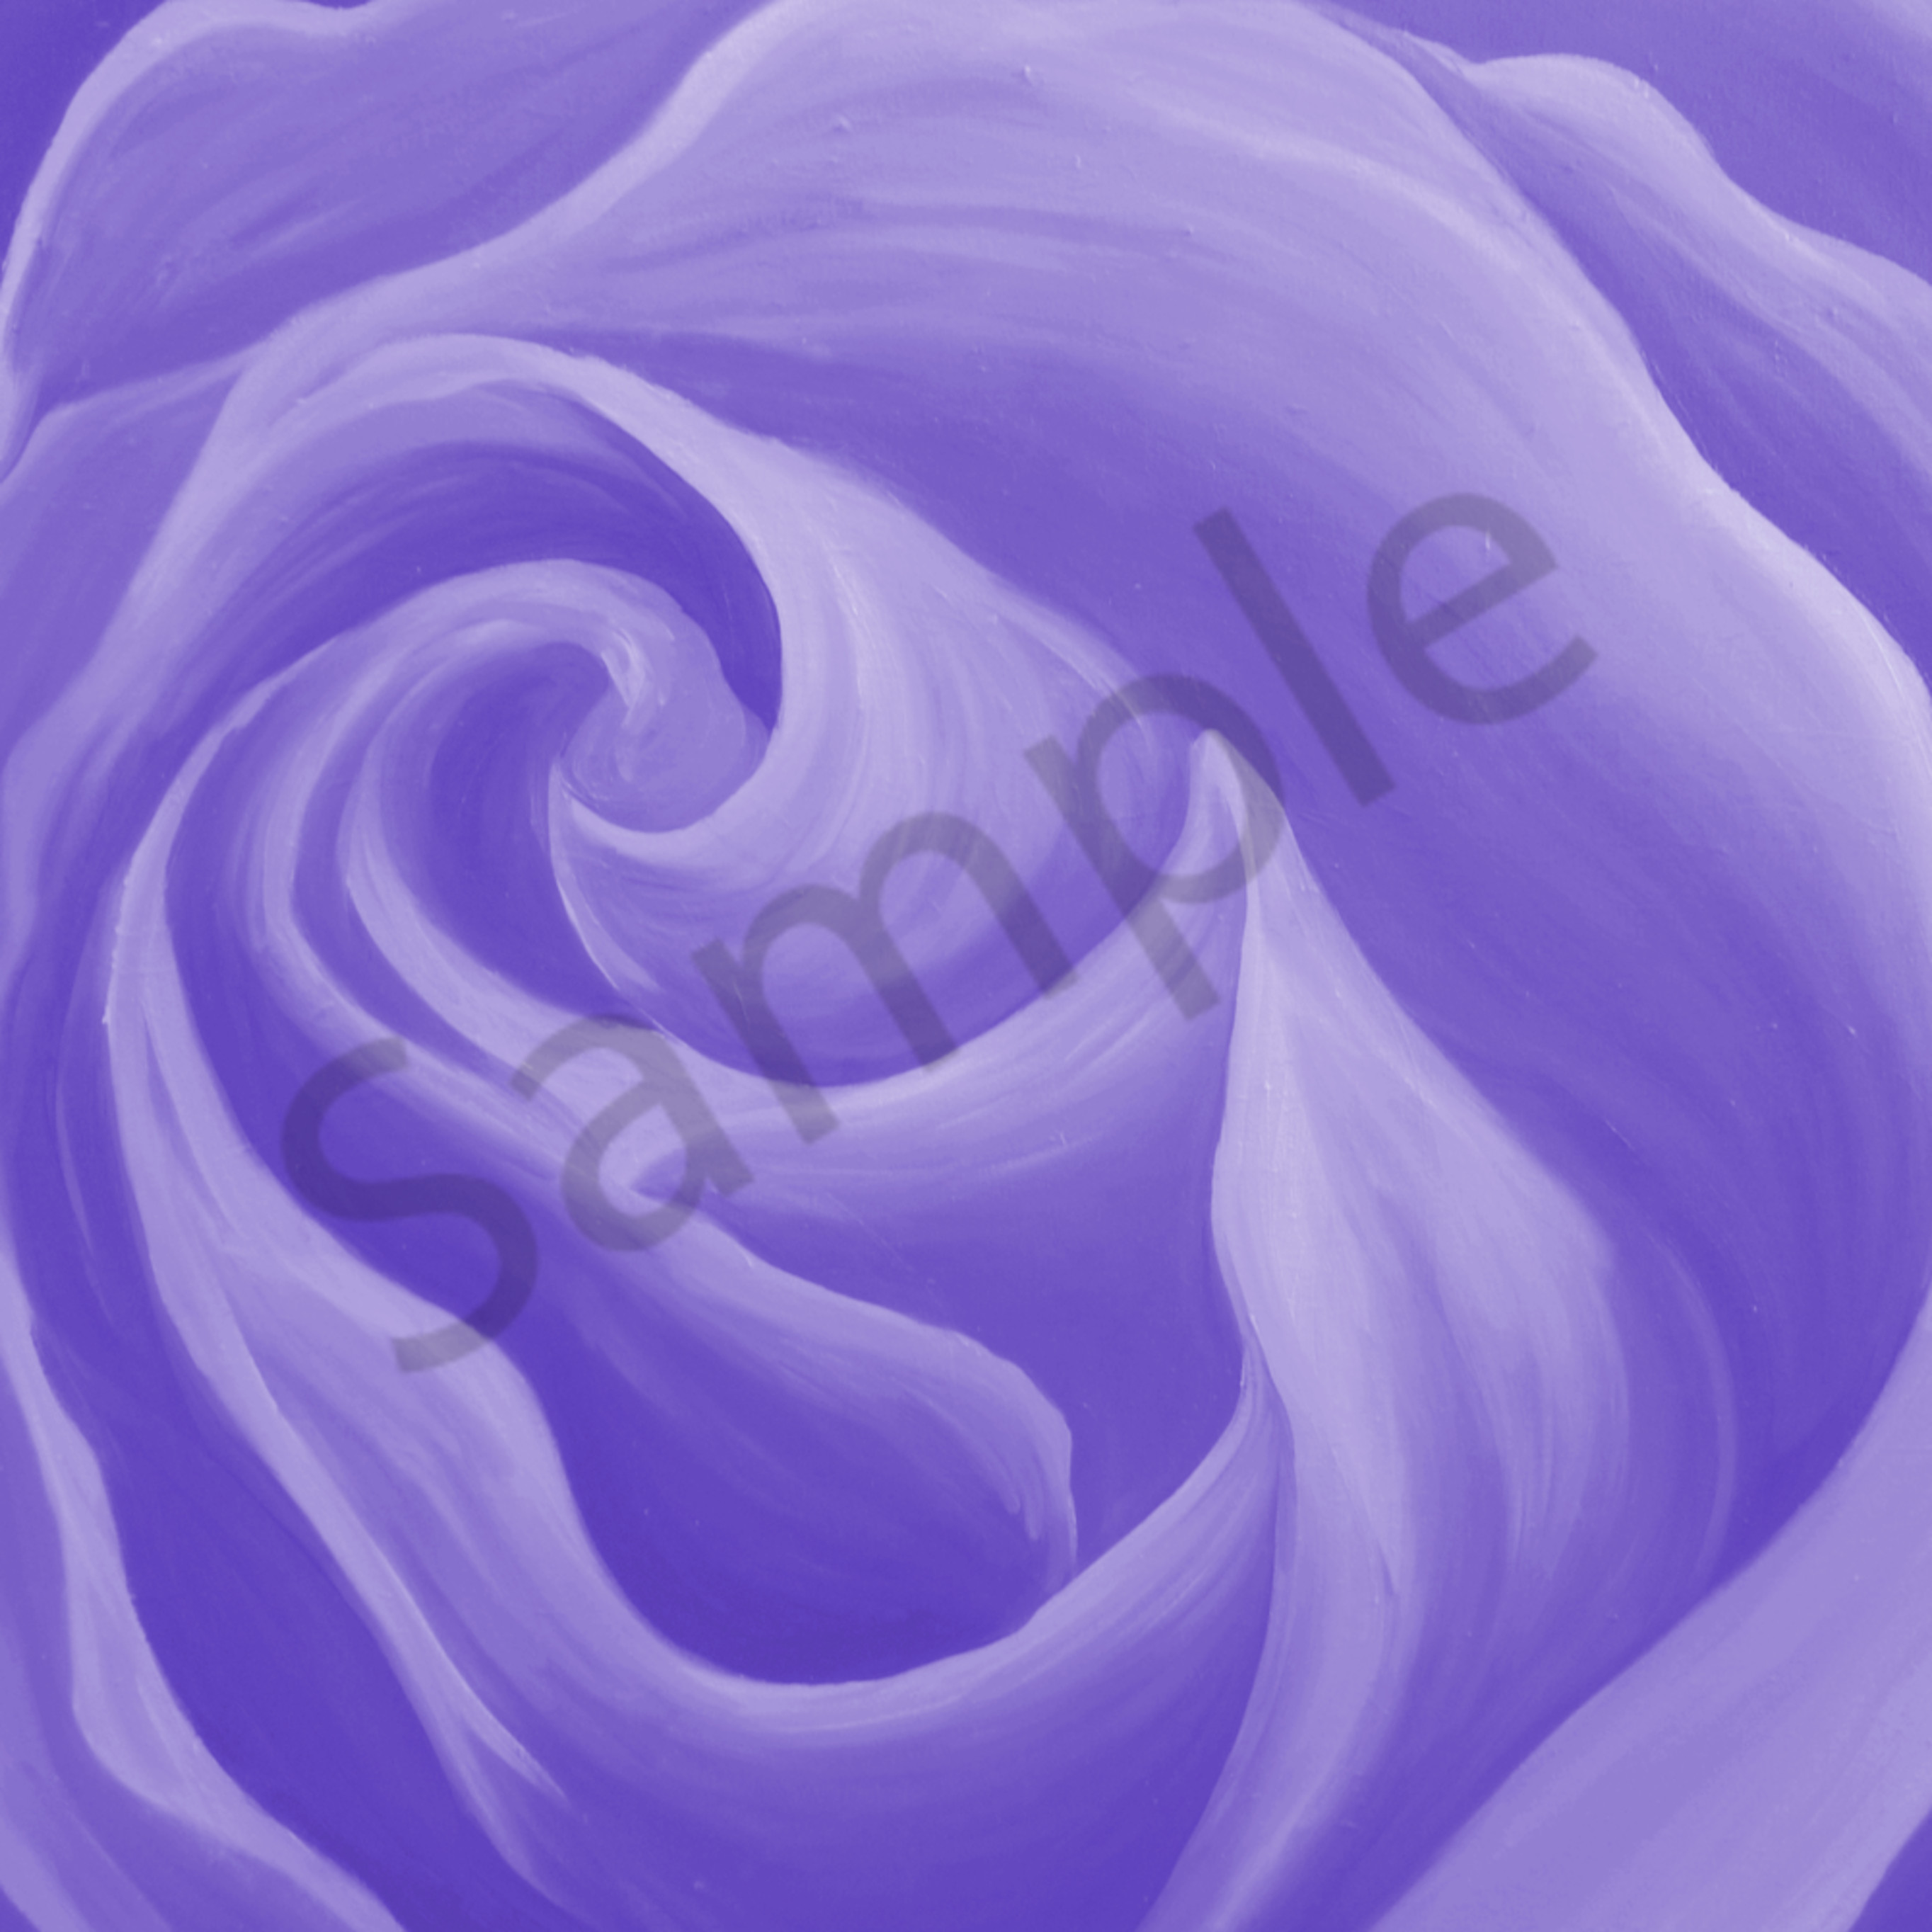 Light new purple rose v53djw